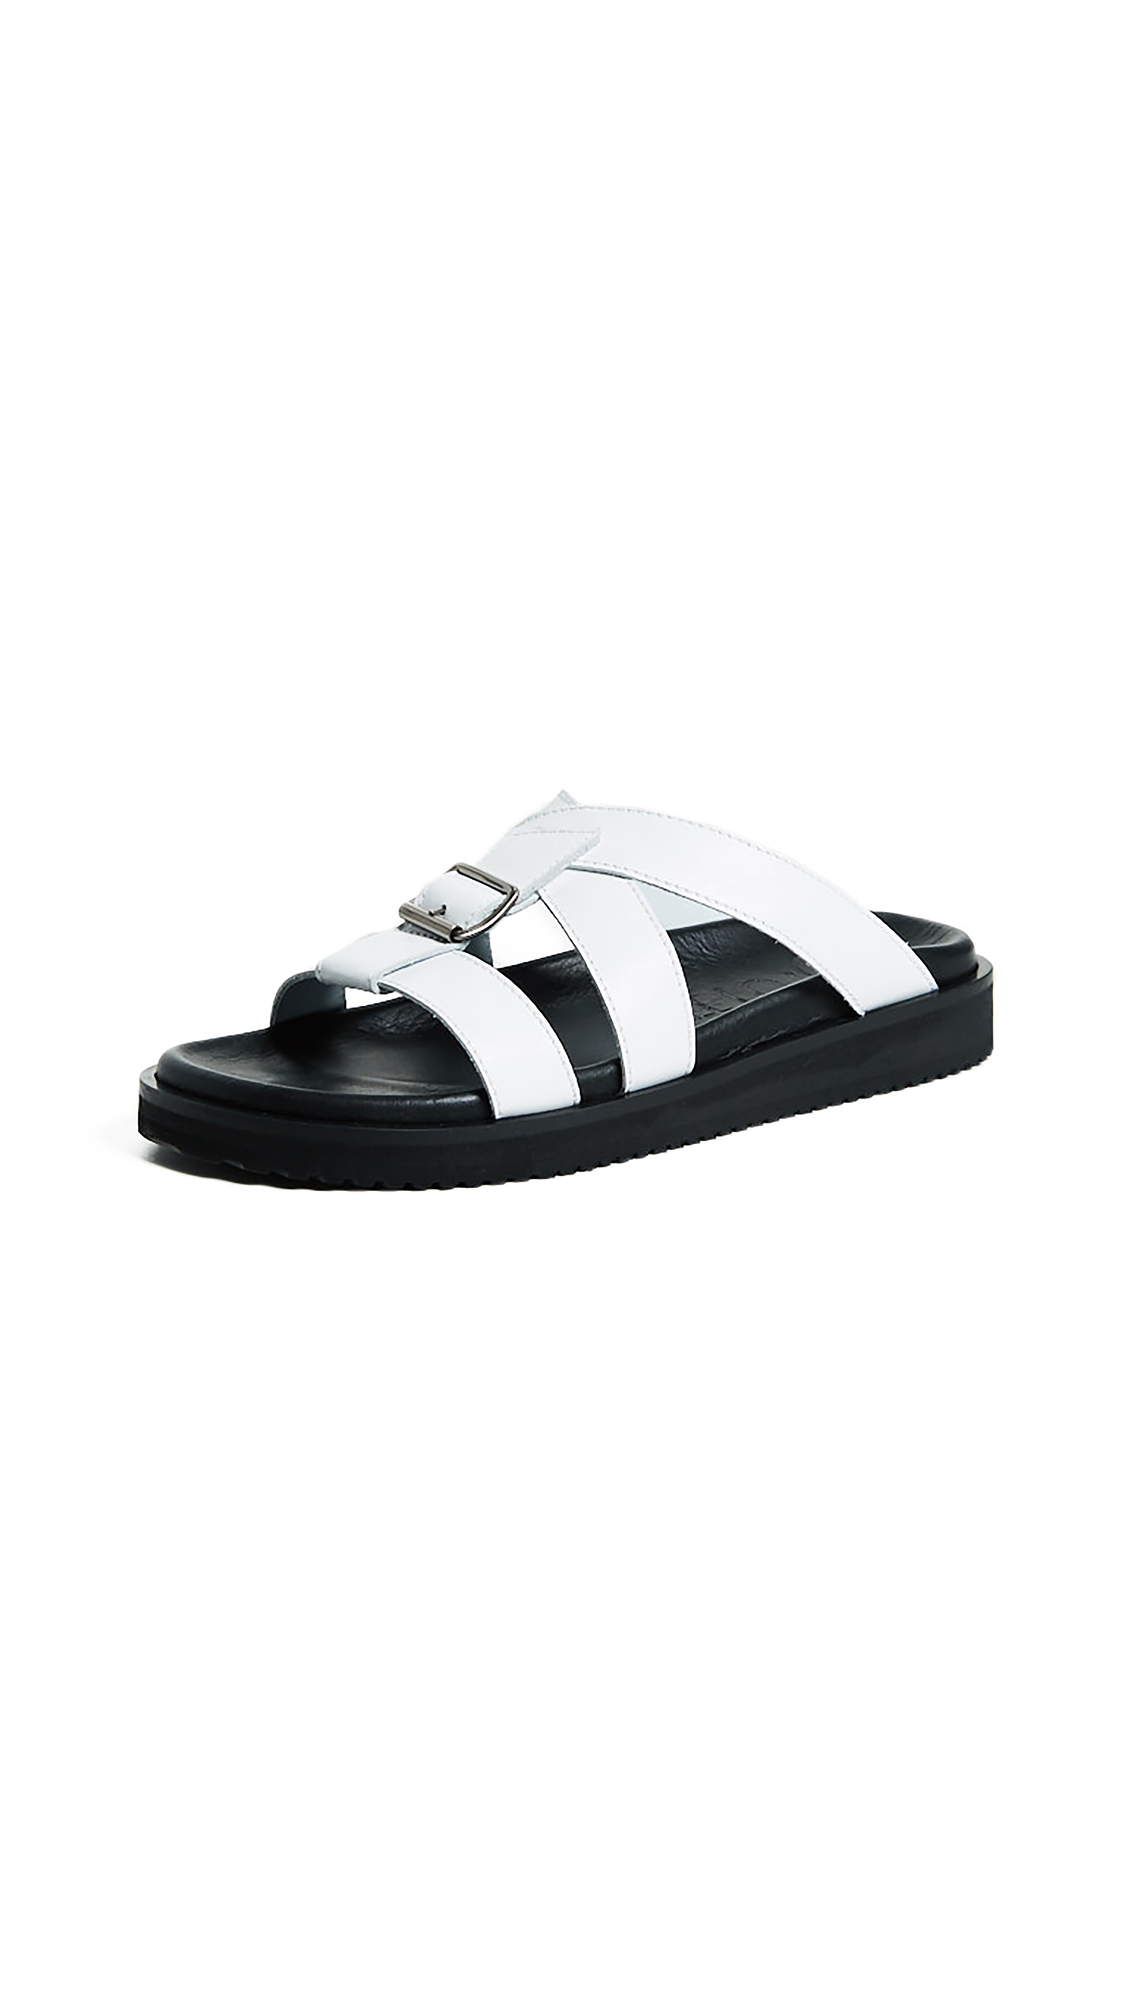 LD Tuttle The Unit Sandals - Talc